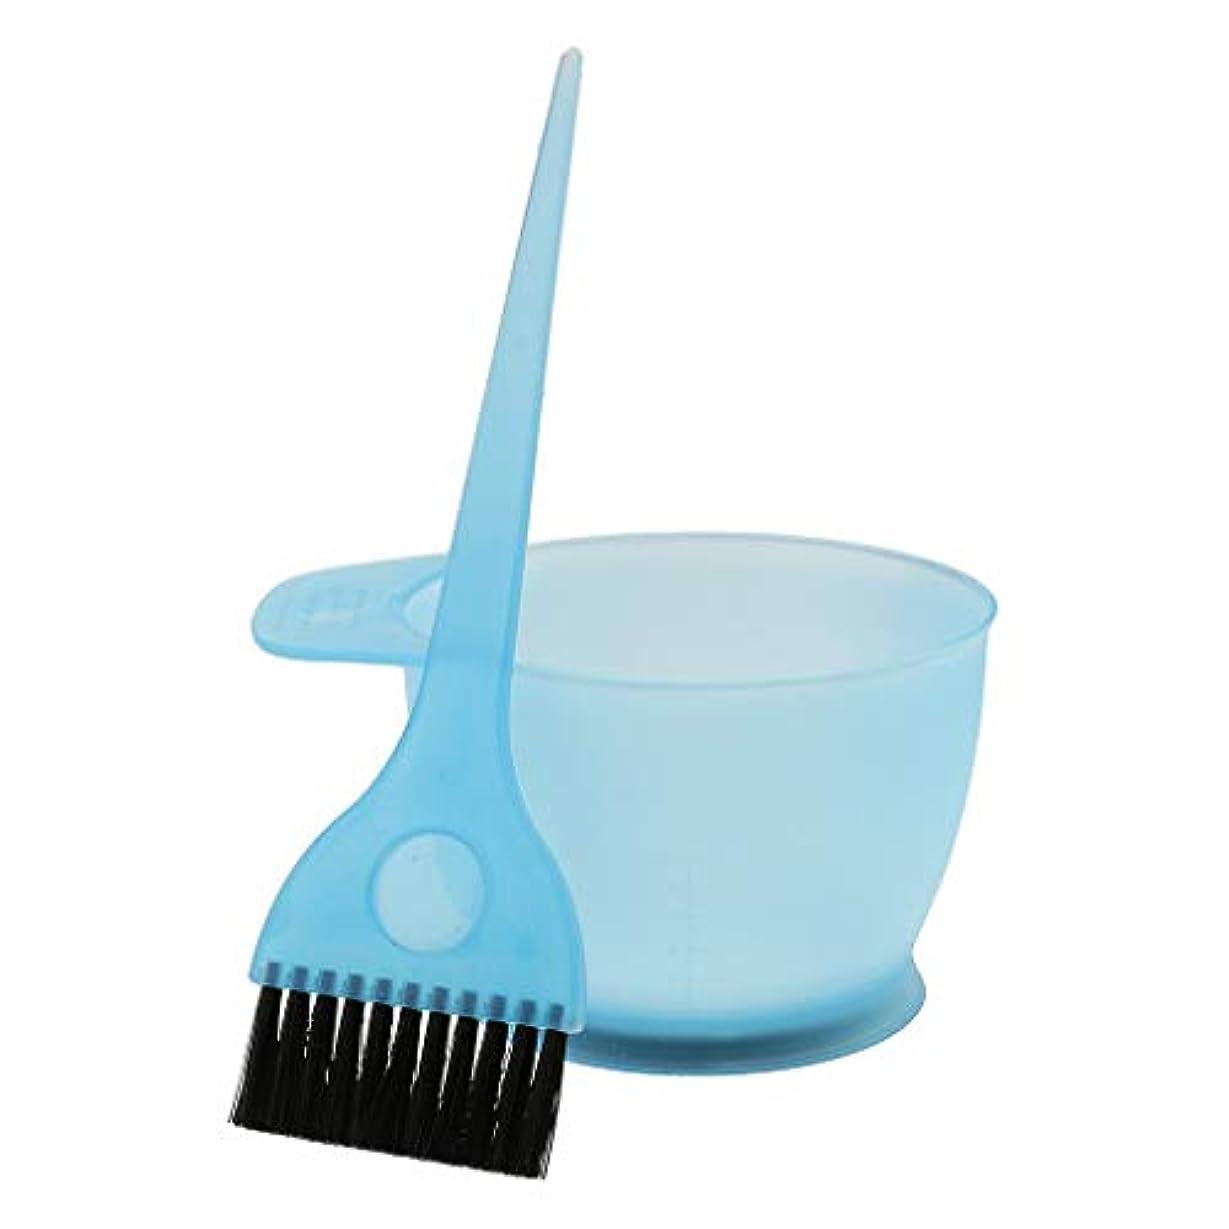 過去ペルセウス副産物髪の色合い染料着色ツールのためのサロン髪色染料ボウル櫛ブラシセットスーツ (ブルー)